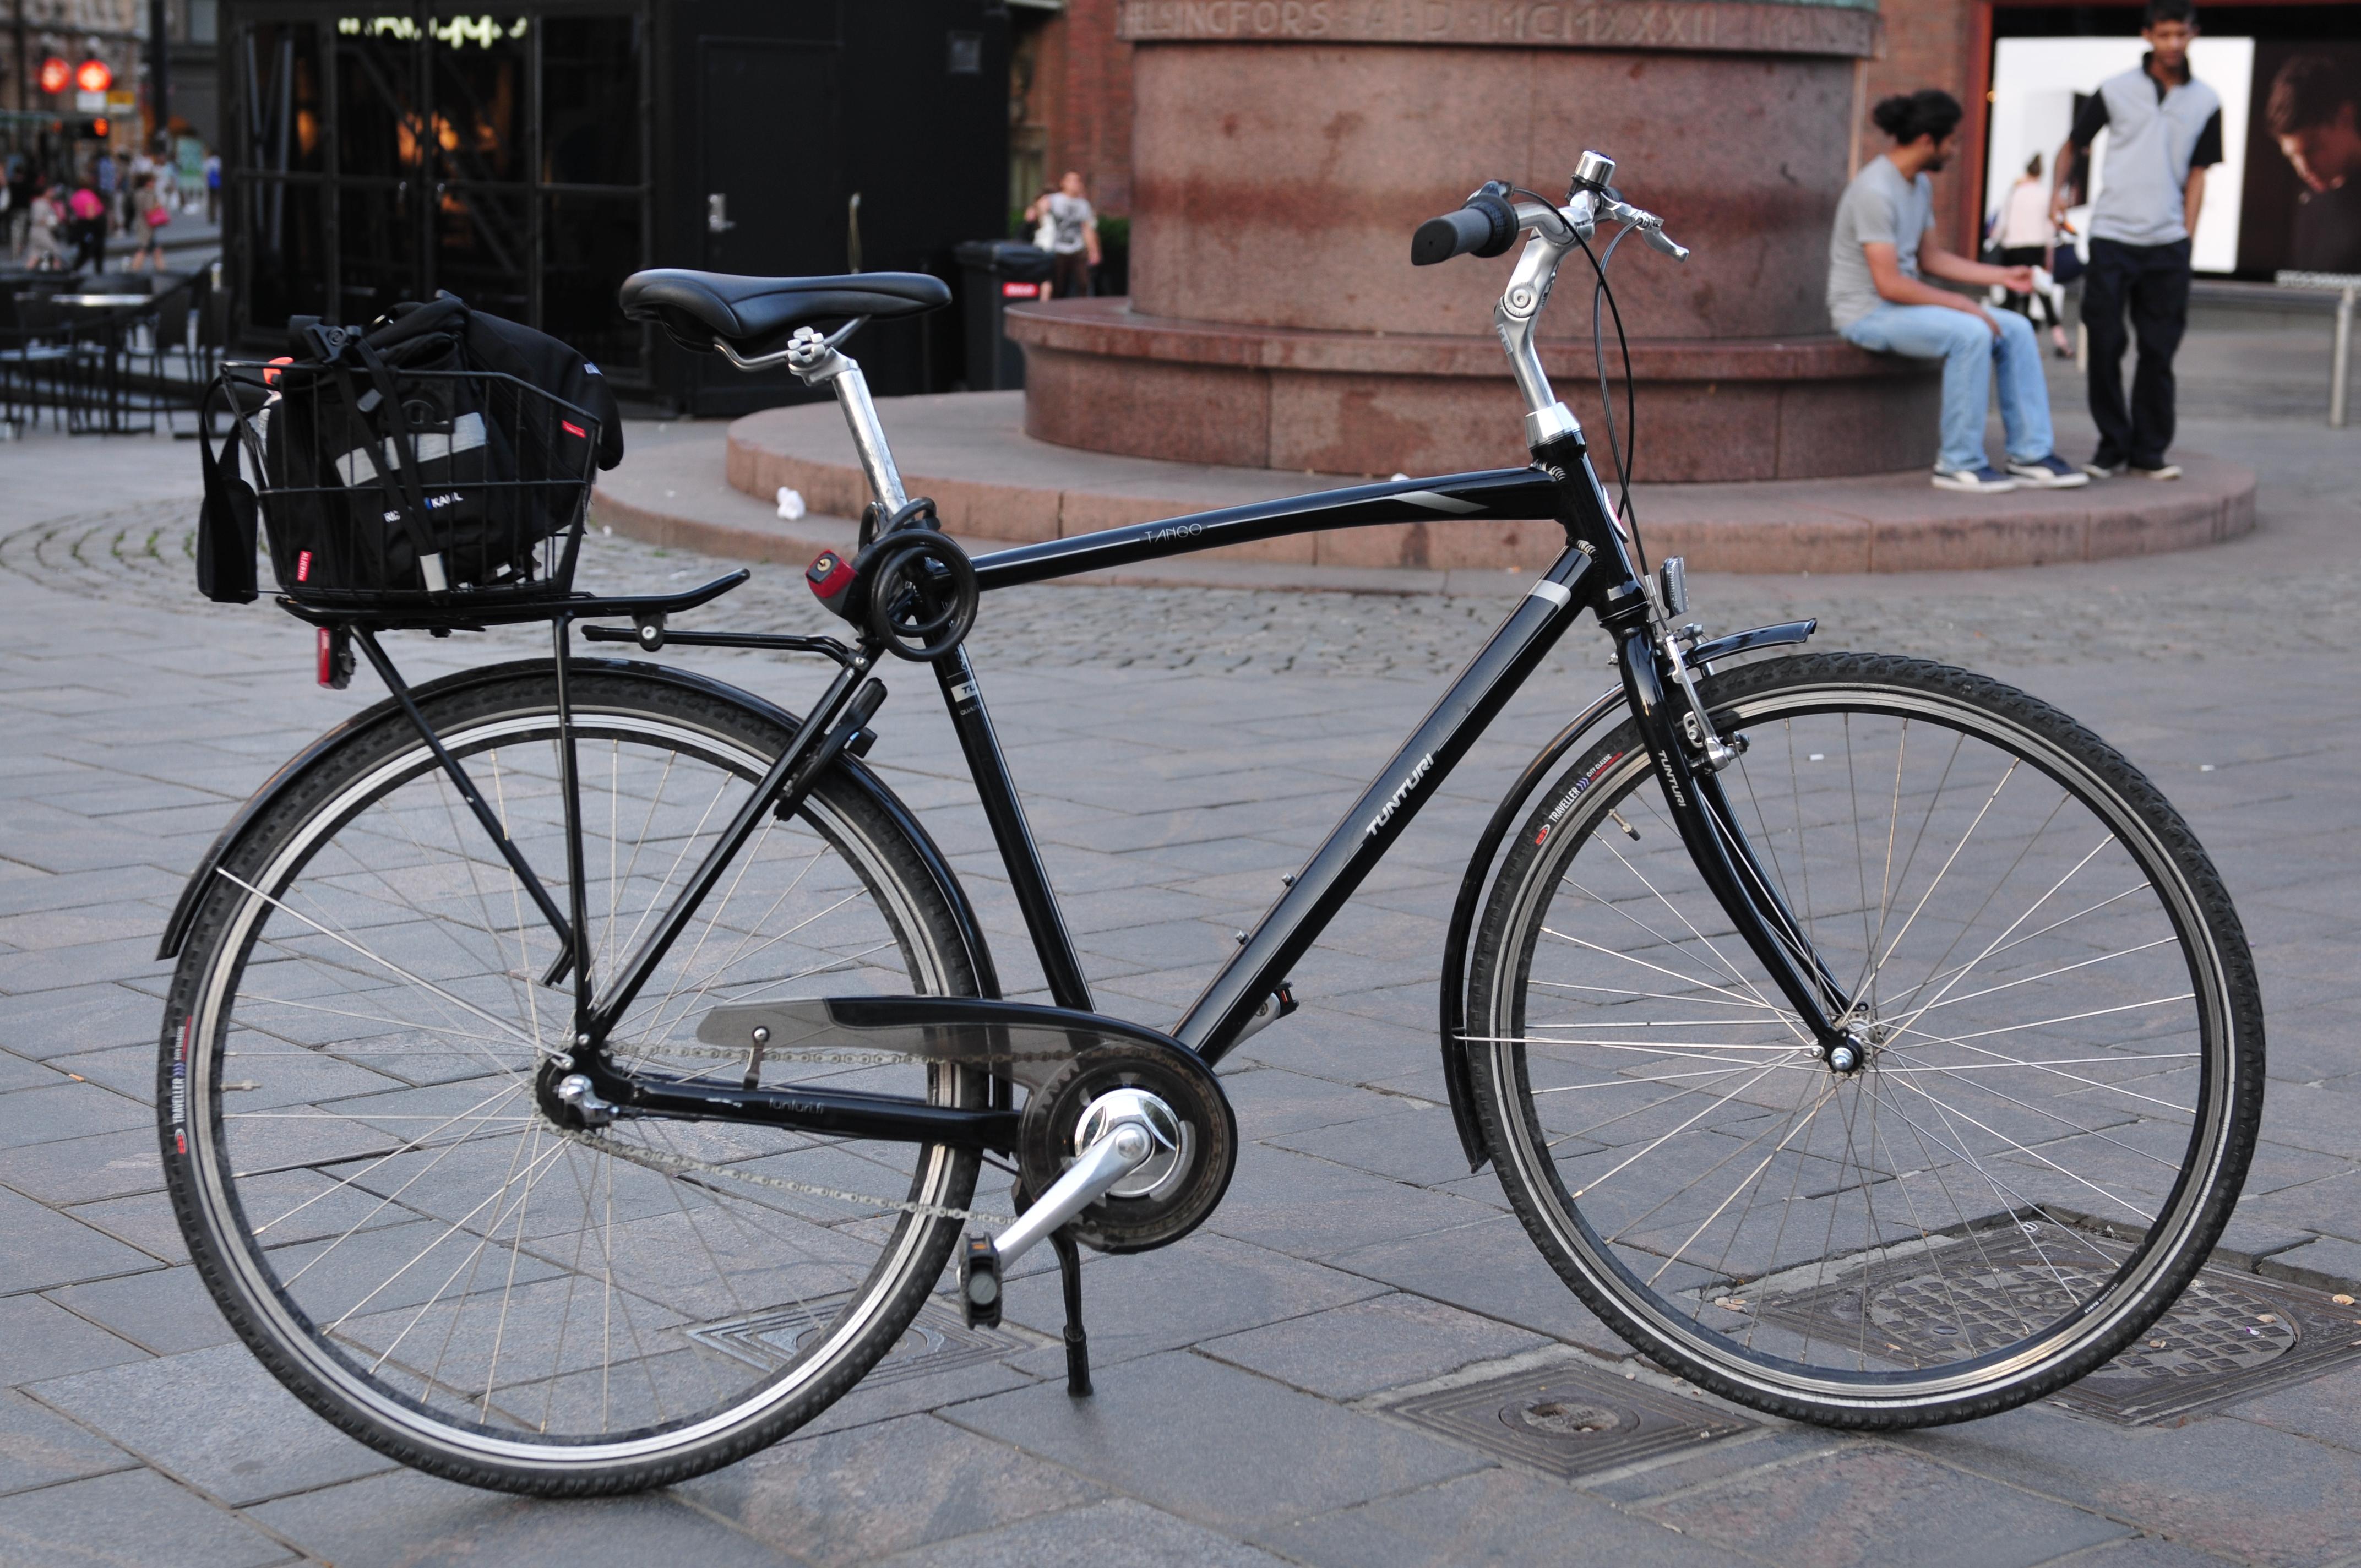 14-08-12-Helsinki-Fahrrad-Tunturi-RalfR-09.jpg